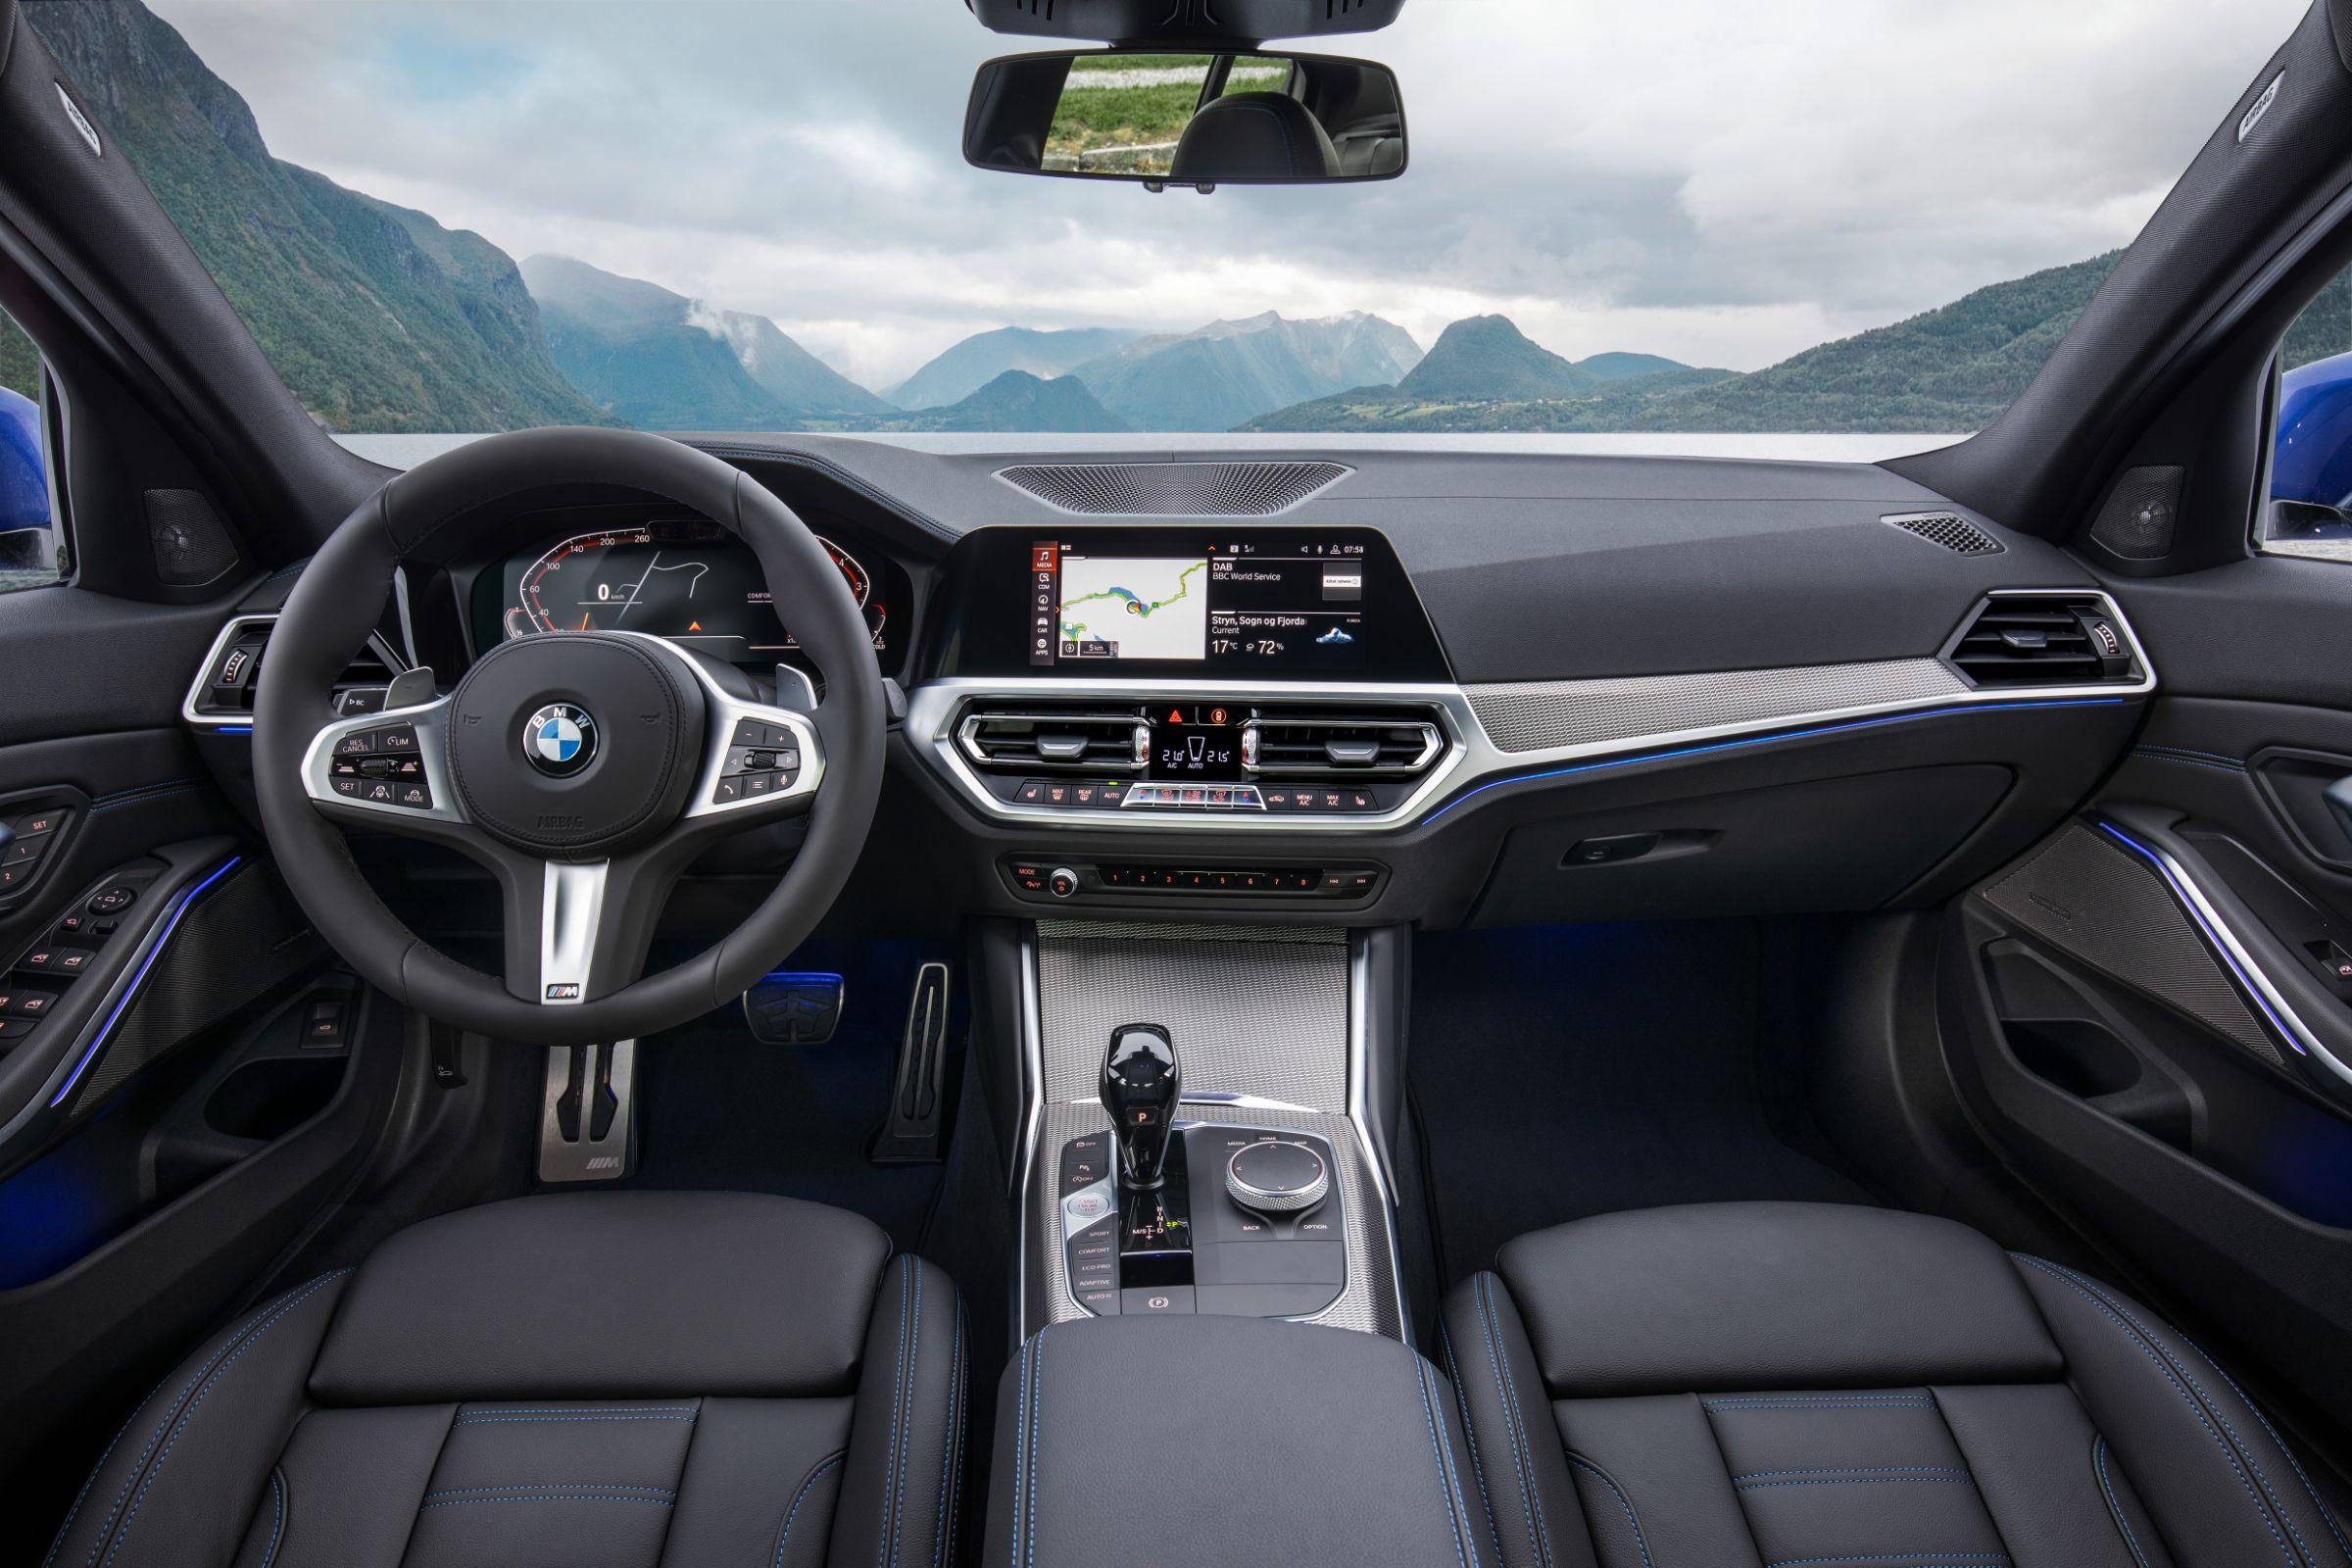 BMW Série 3 2019 é apresentado em Paris. Modelo deve chegar ao mercado brasileiro, importado, no meio de 2019 com duas opções de motorização.